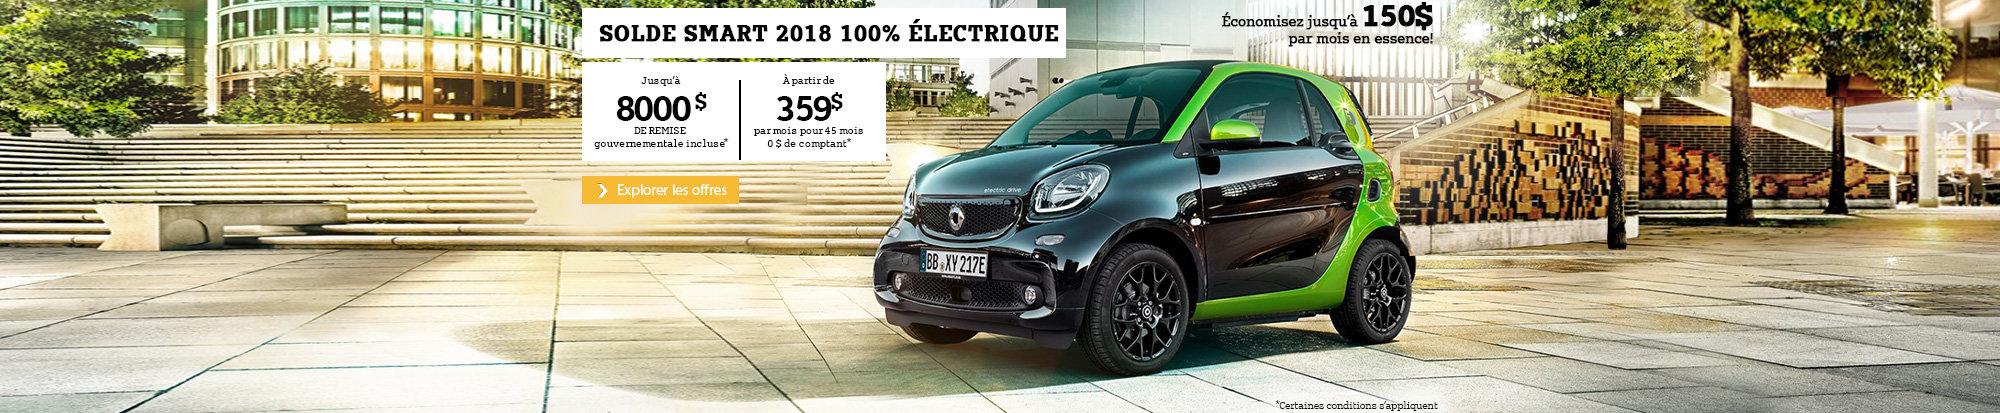 Smart 2018 100% Électrique - web